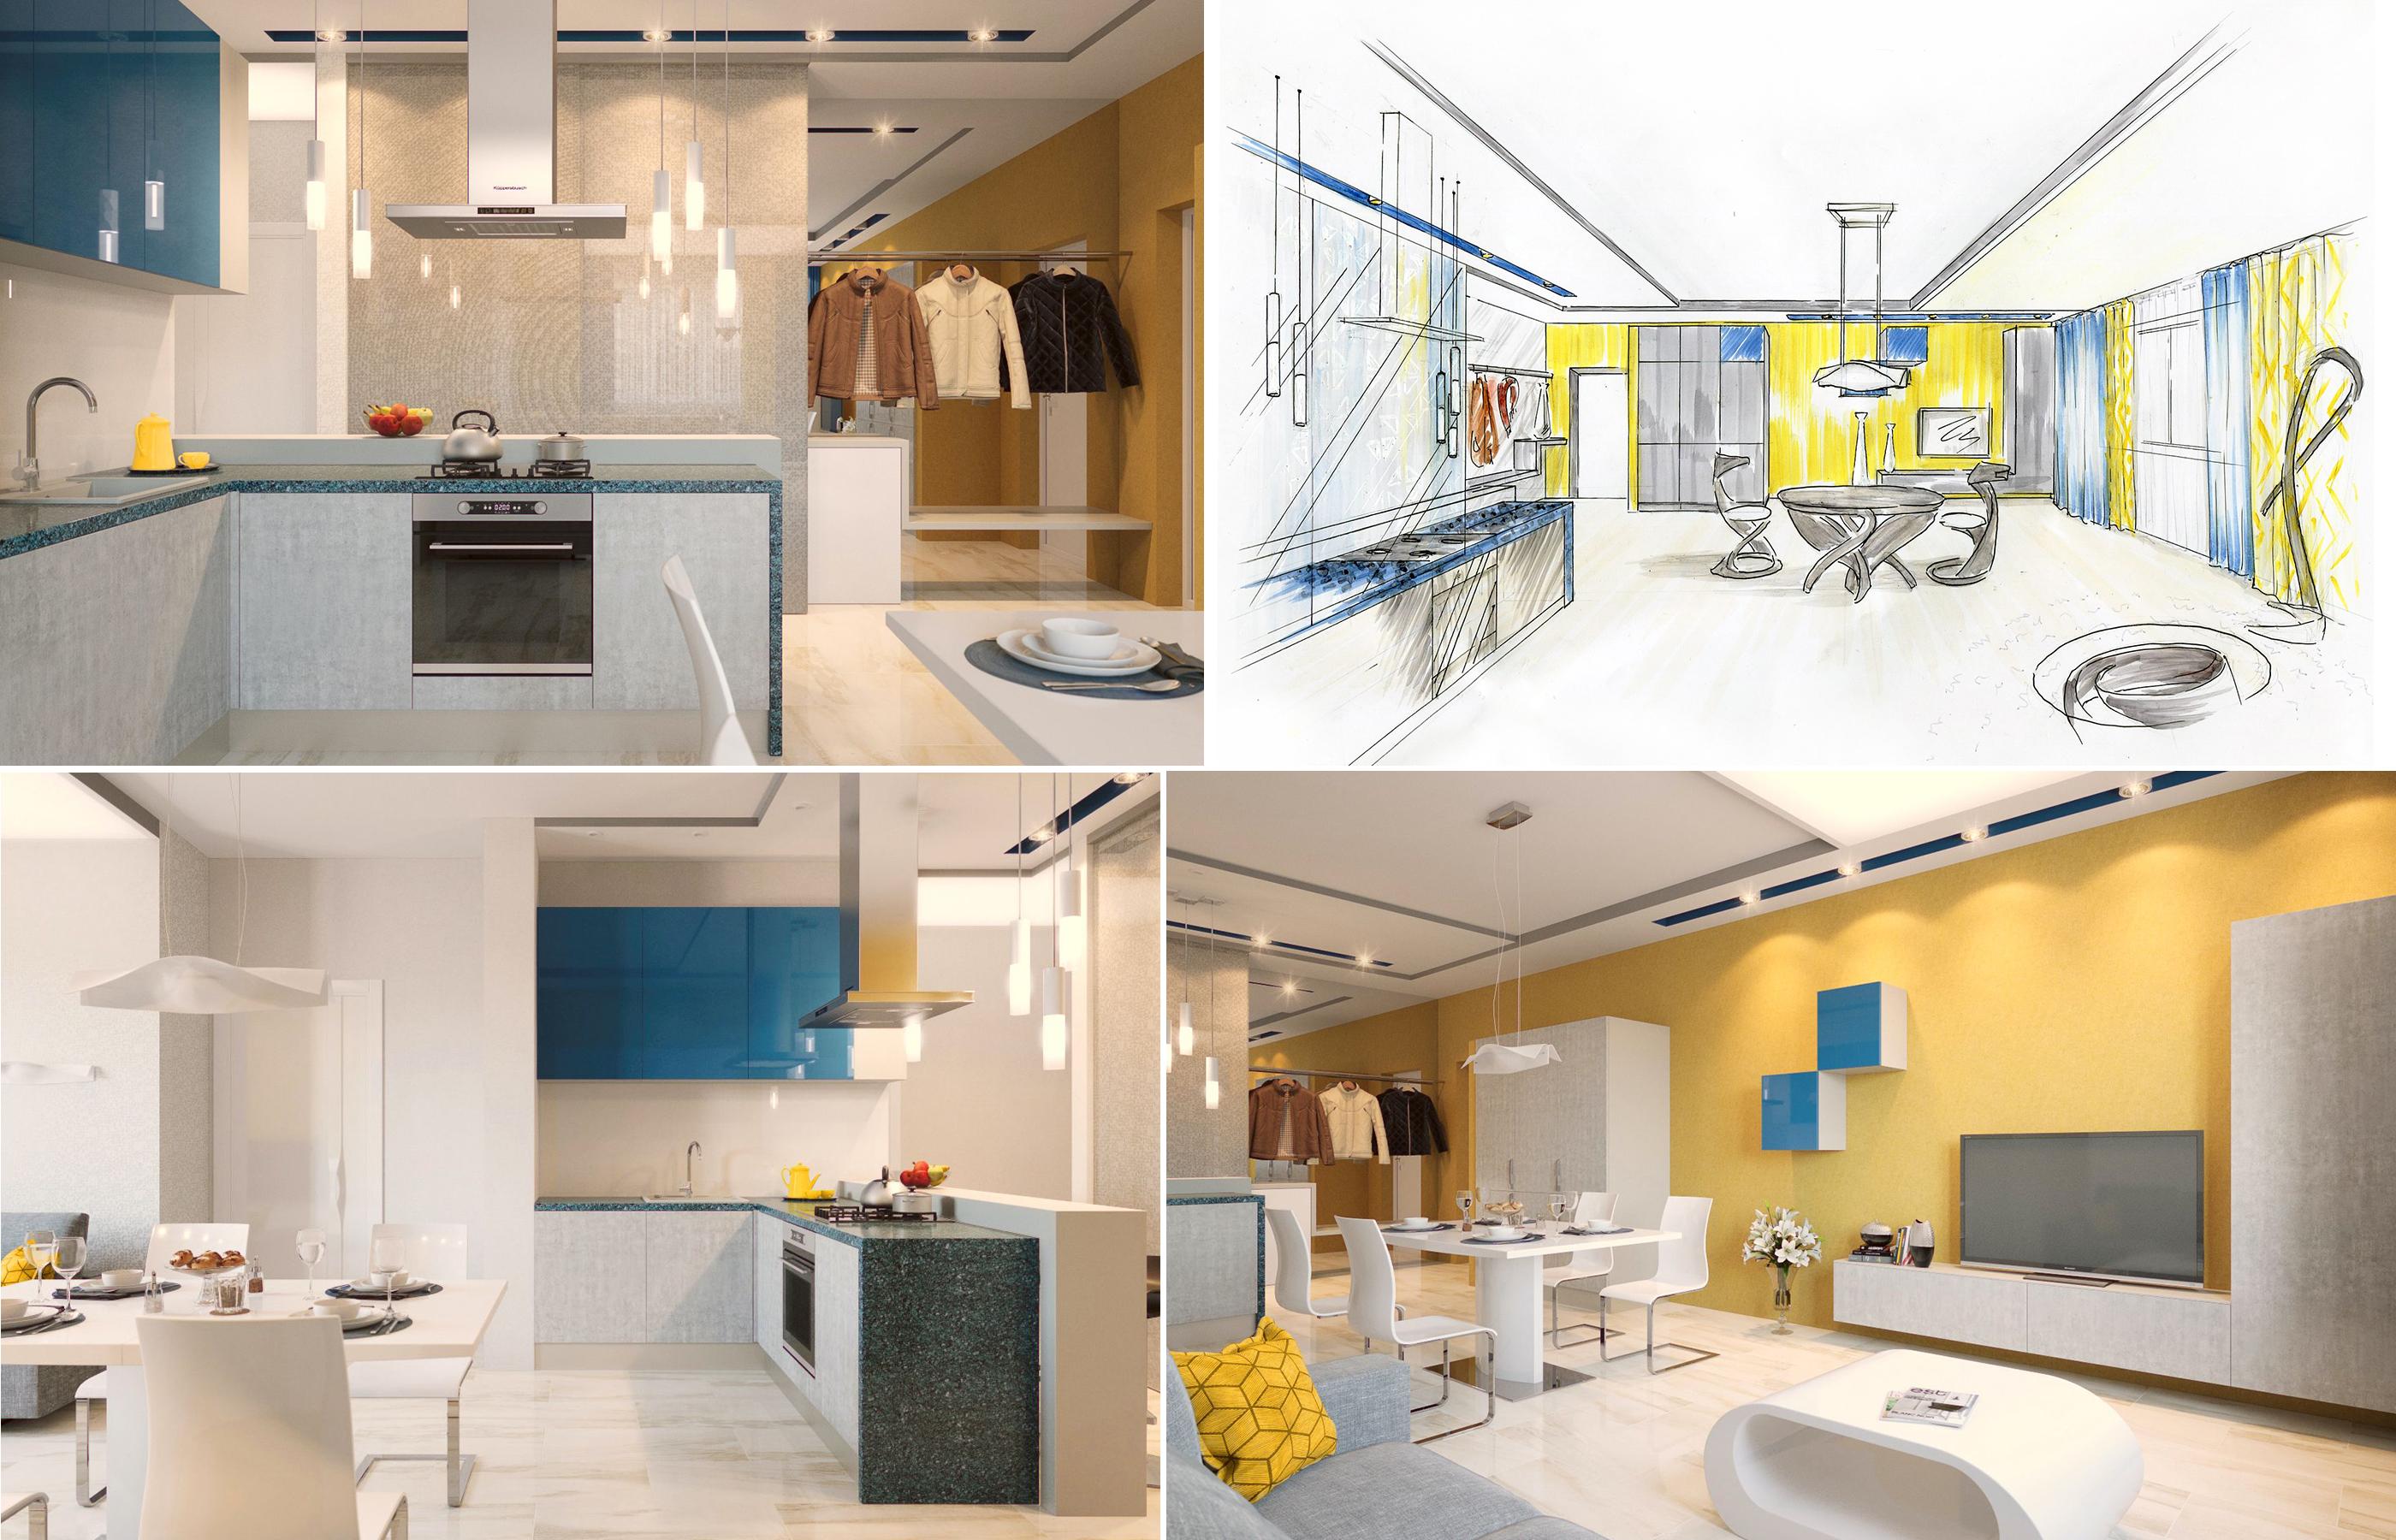 Проект дизайна интерьера гостиной в желто-синей цветовой гамме